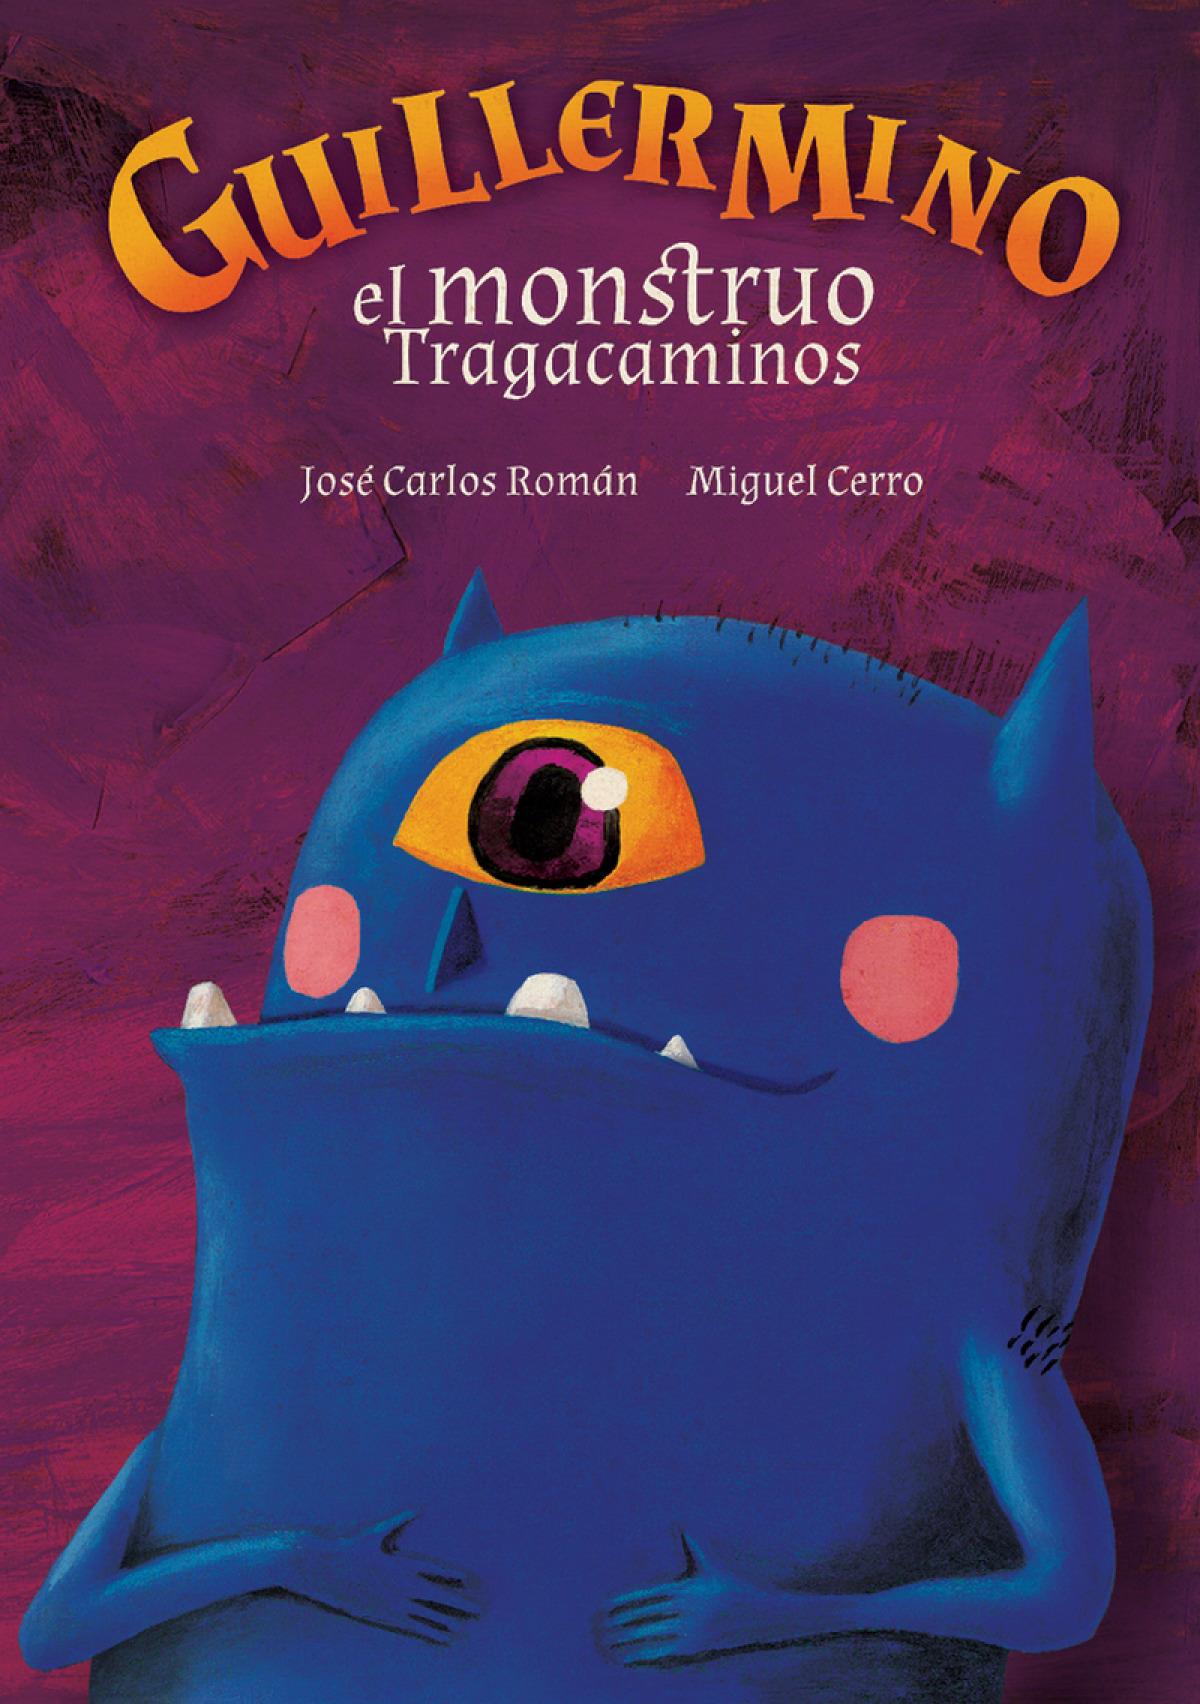 Guillermino, el monstruo tragacaminos